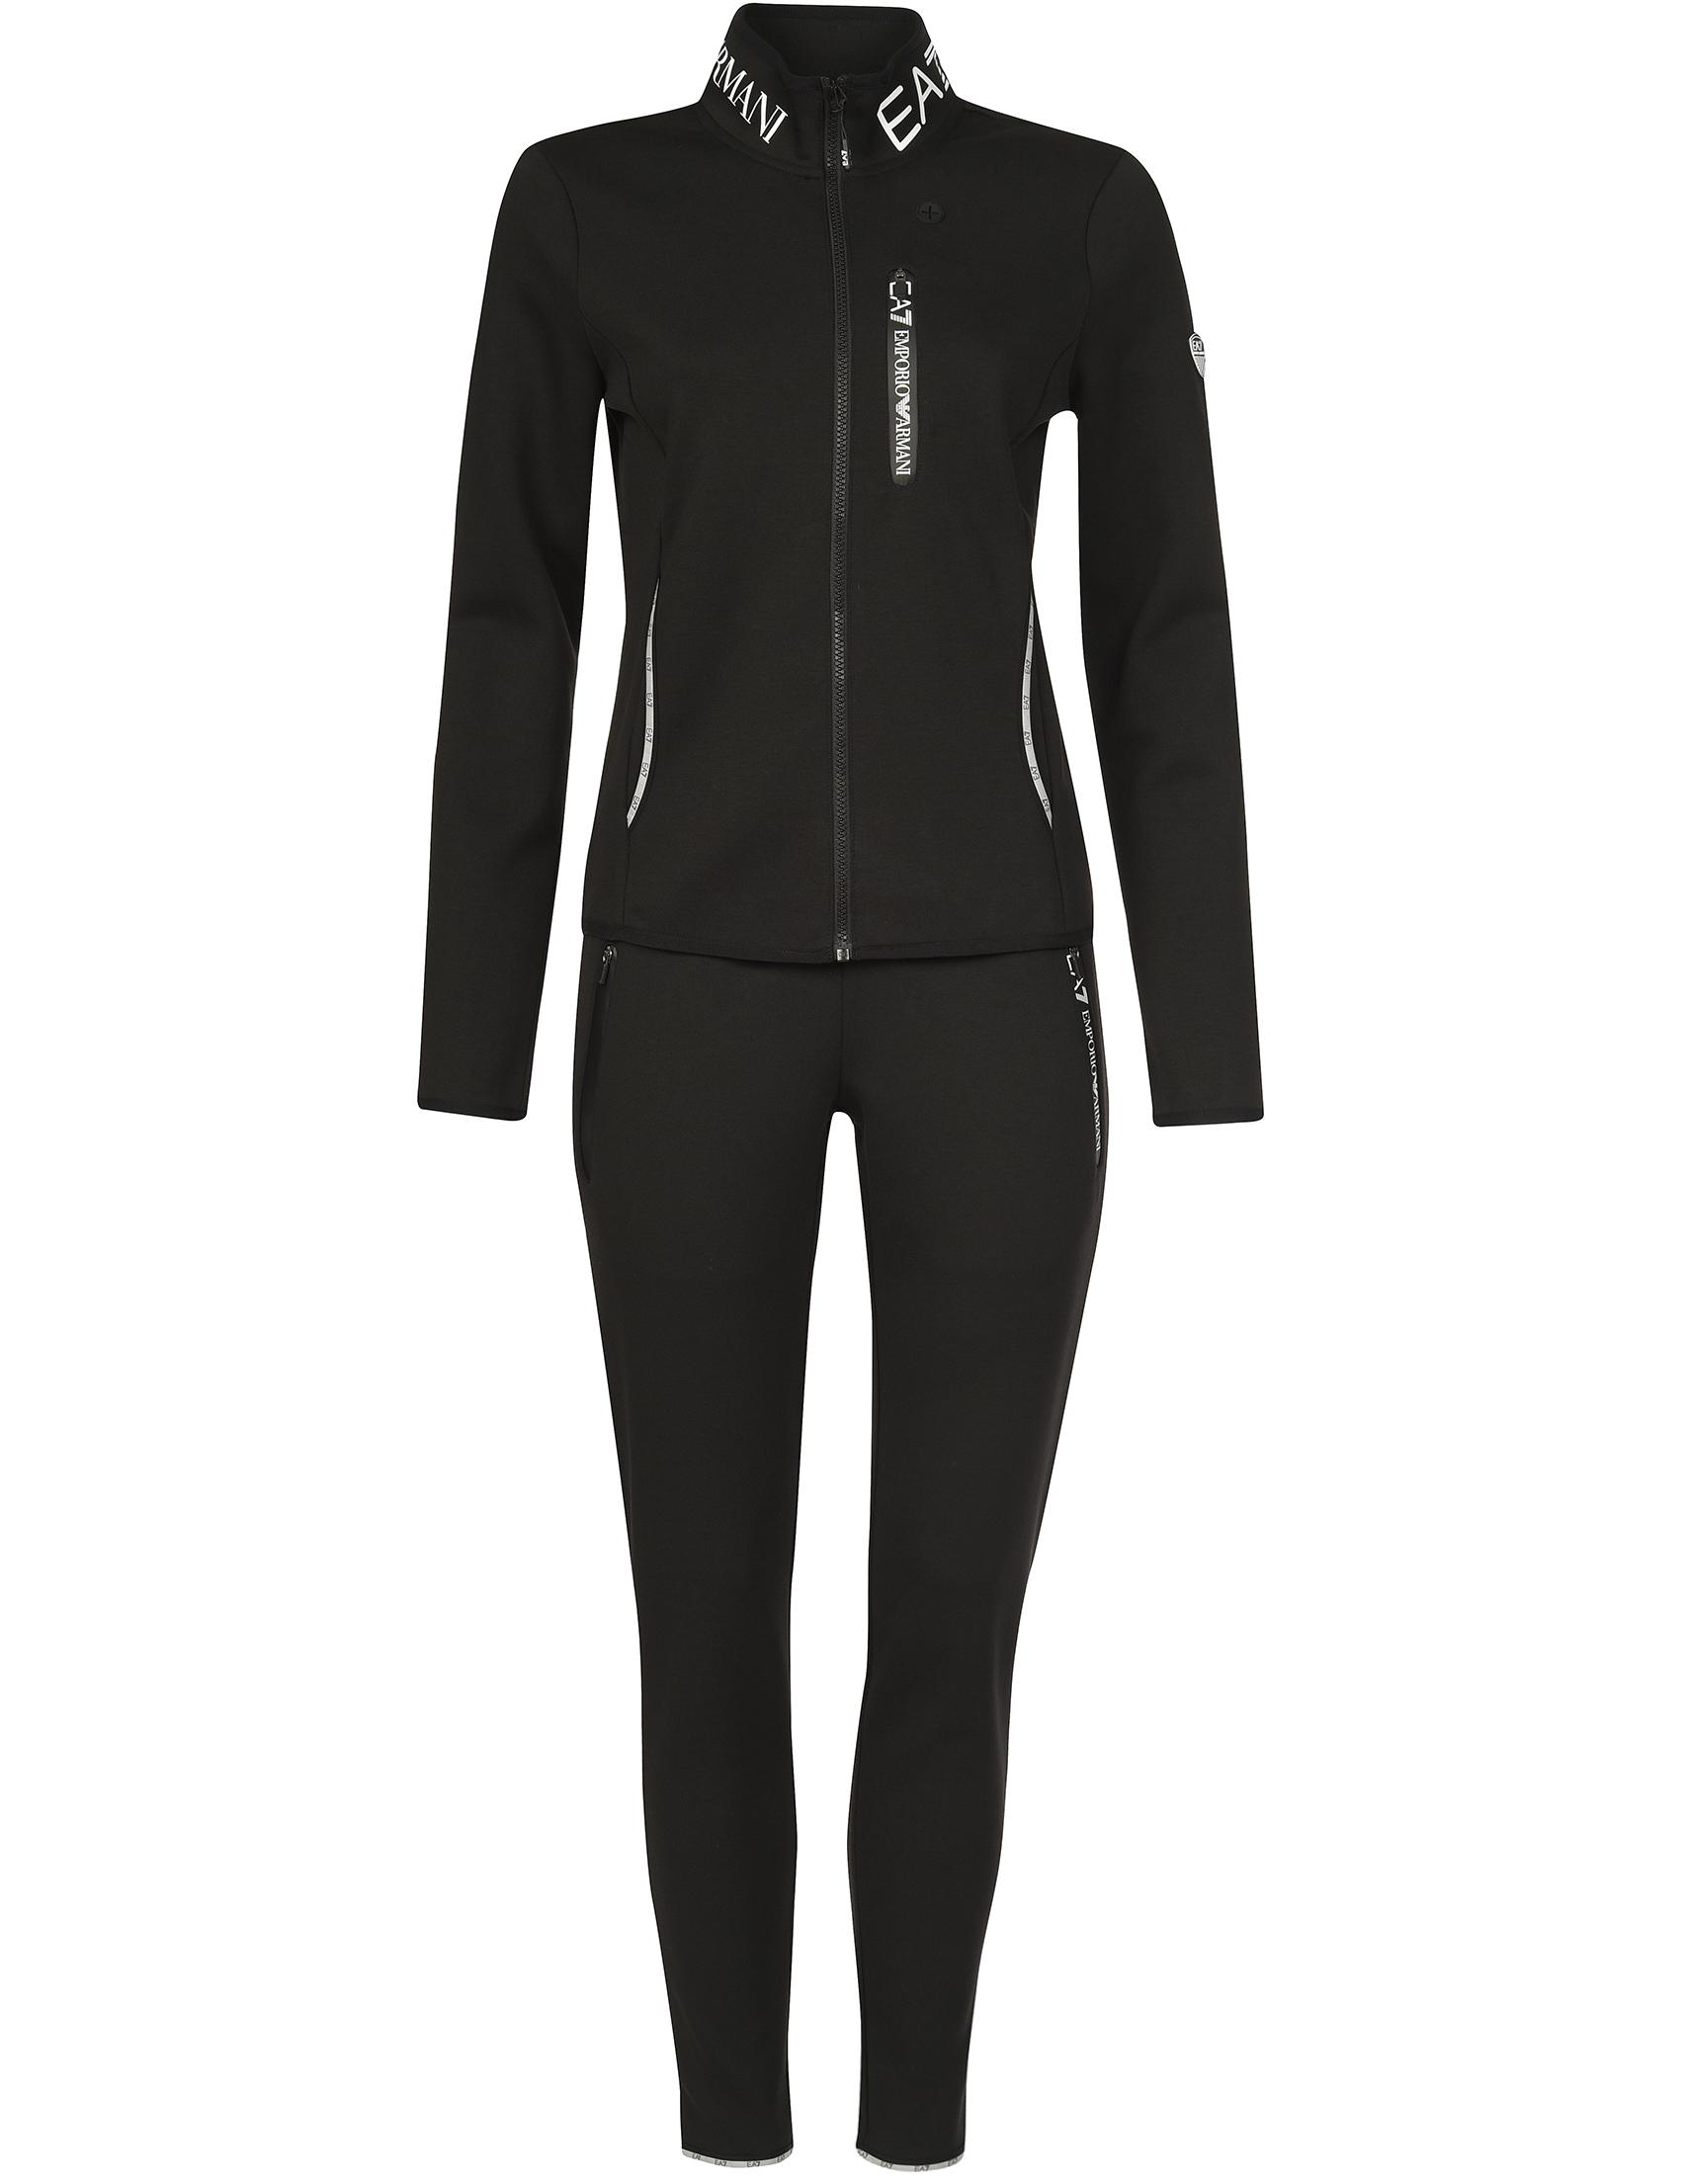 Купить Спортивный костюм, EA7 EMPORIO ARMANI, Черный, 69%Хлопок 31%Полиэстер, Осень-Зима